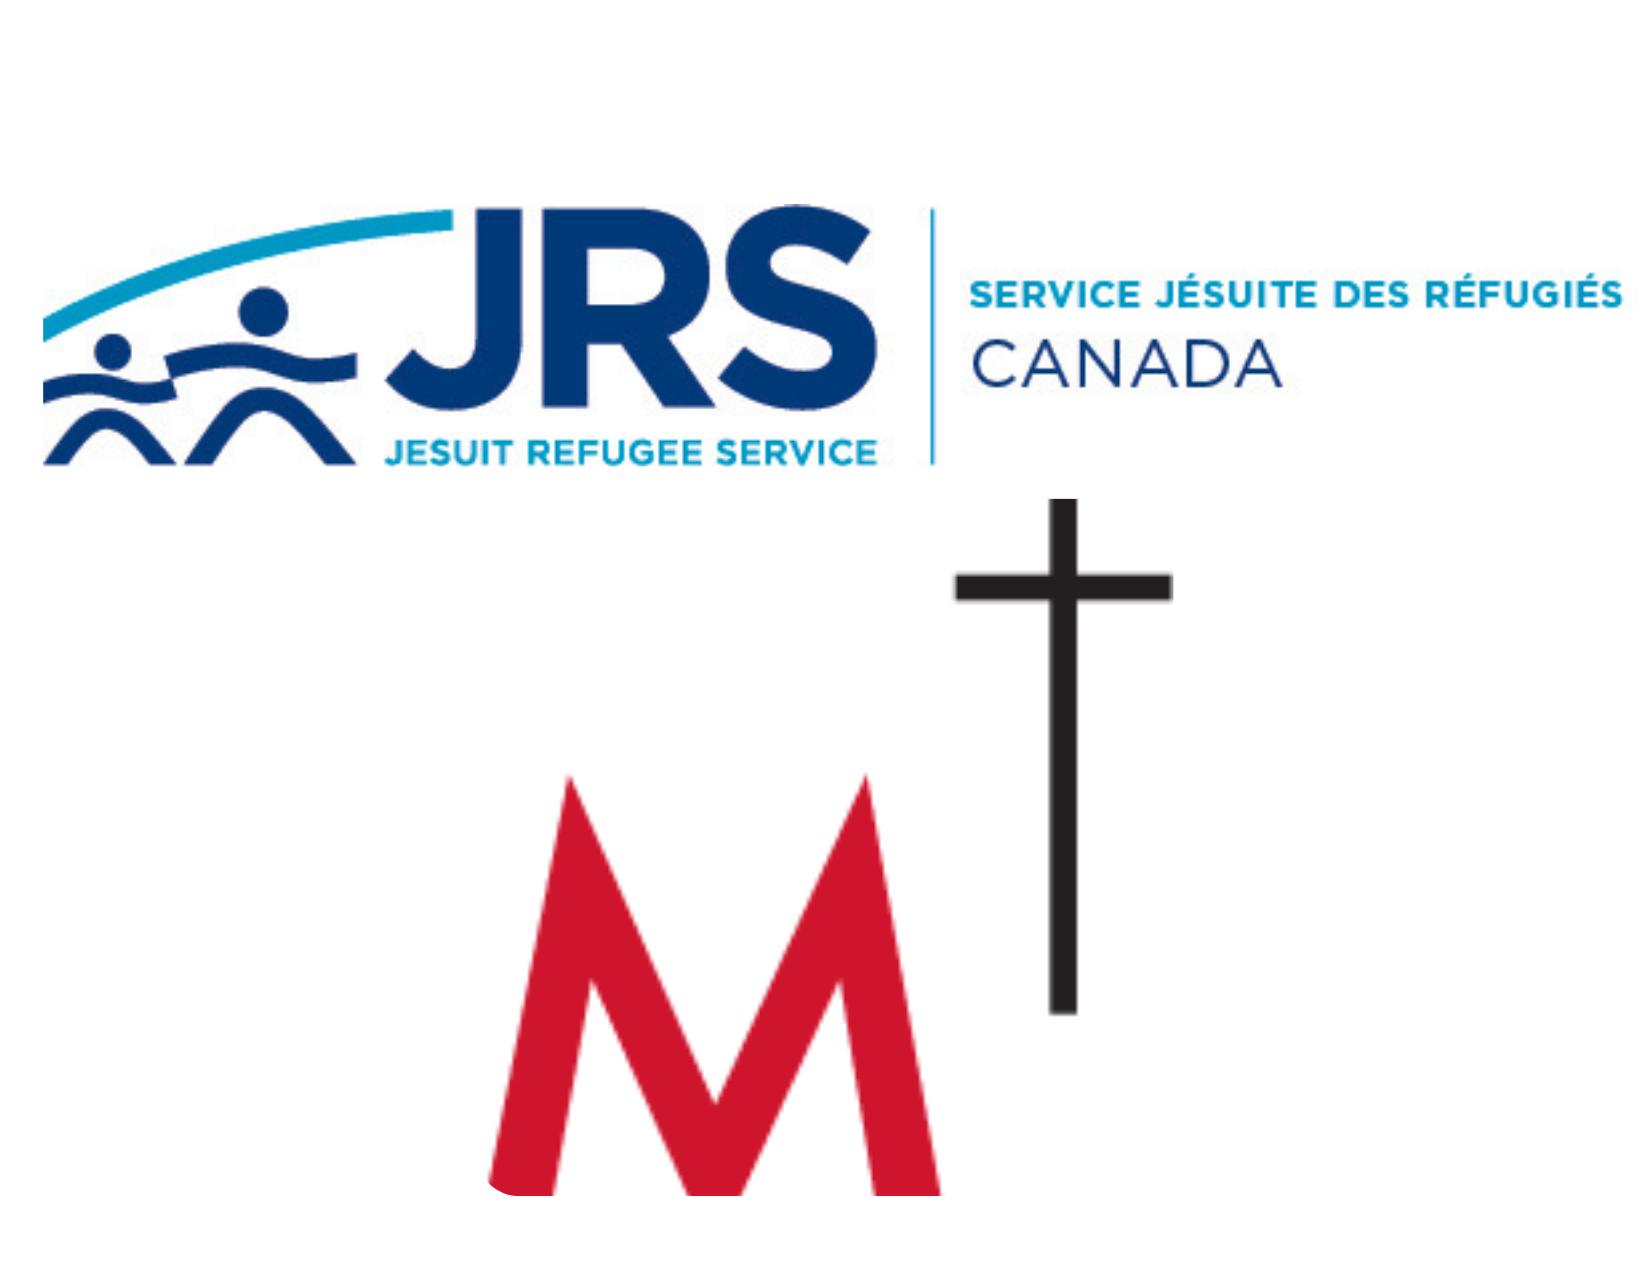 Service Jésuite des Réfugiés – Canada et l'Archidiocèse de Montréal